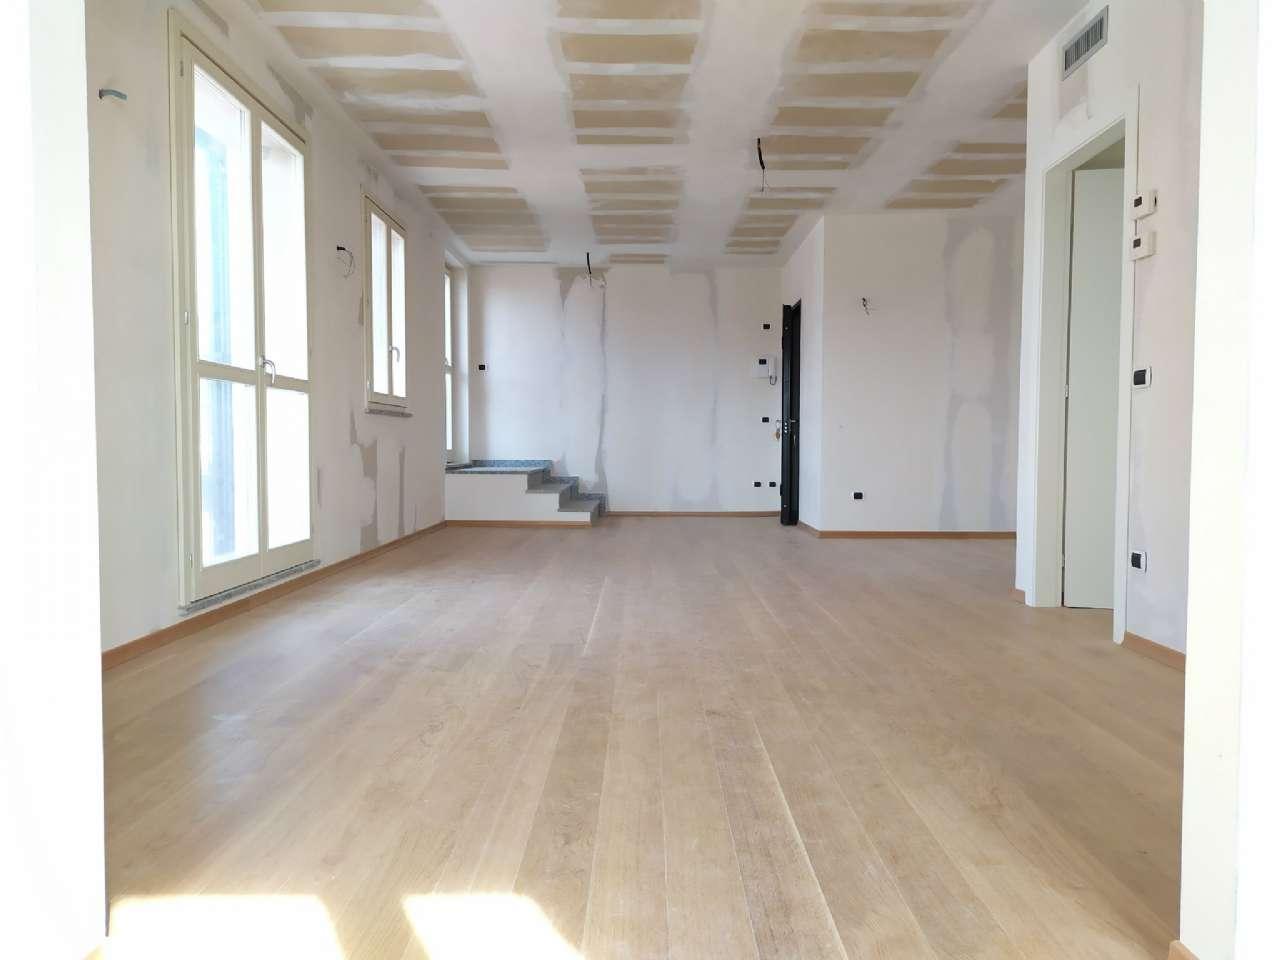 Lissago - Calcinate - Trilocale con grande terrazzo e box, foto 3